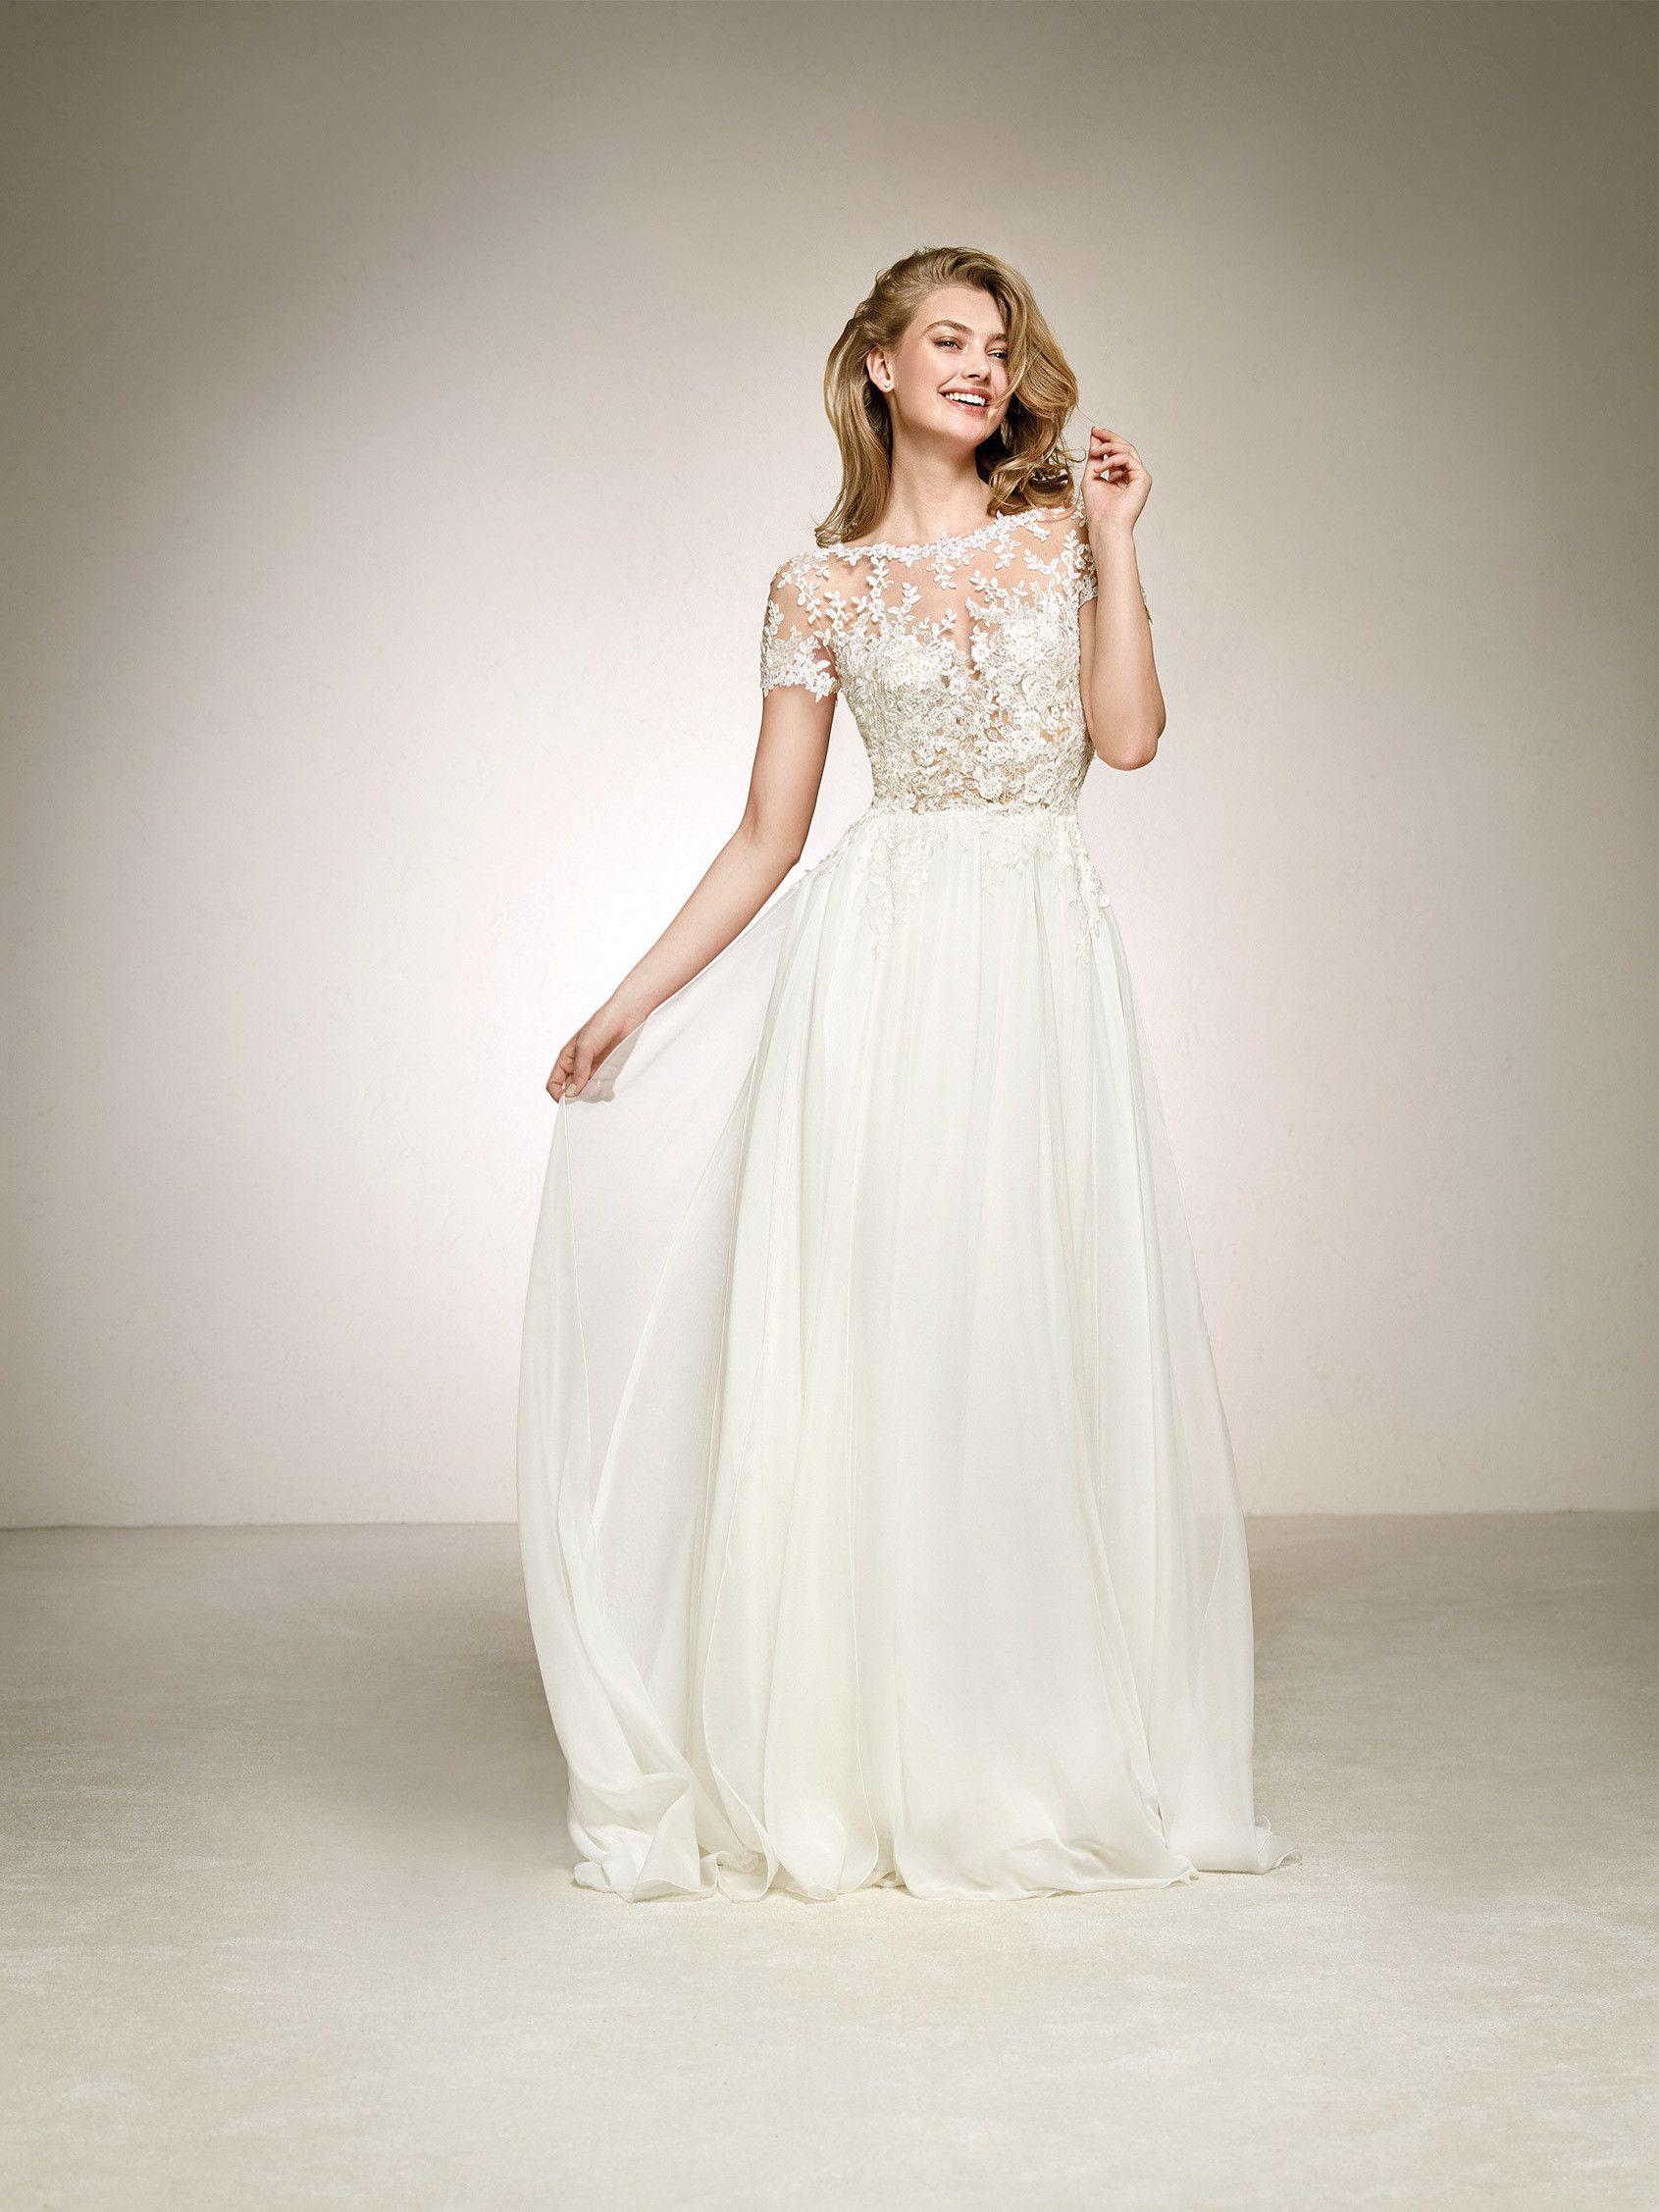 99aee8e37bf Чувственное свадебное платье в романтичном стиле. DAINA